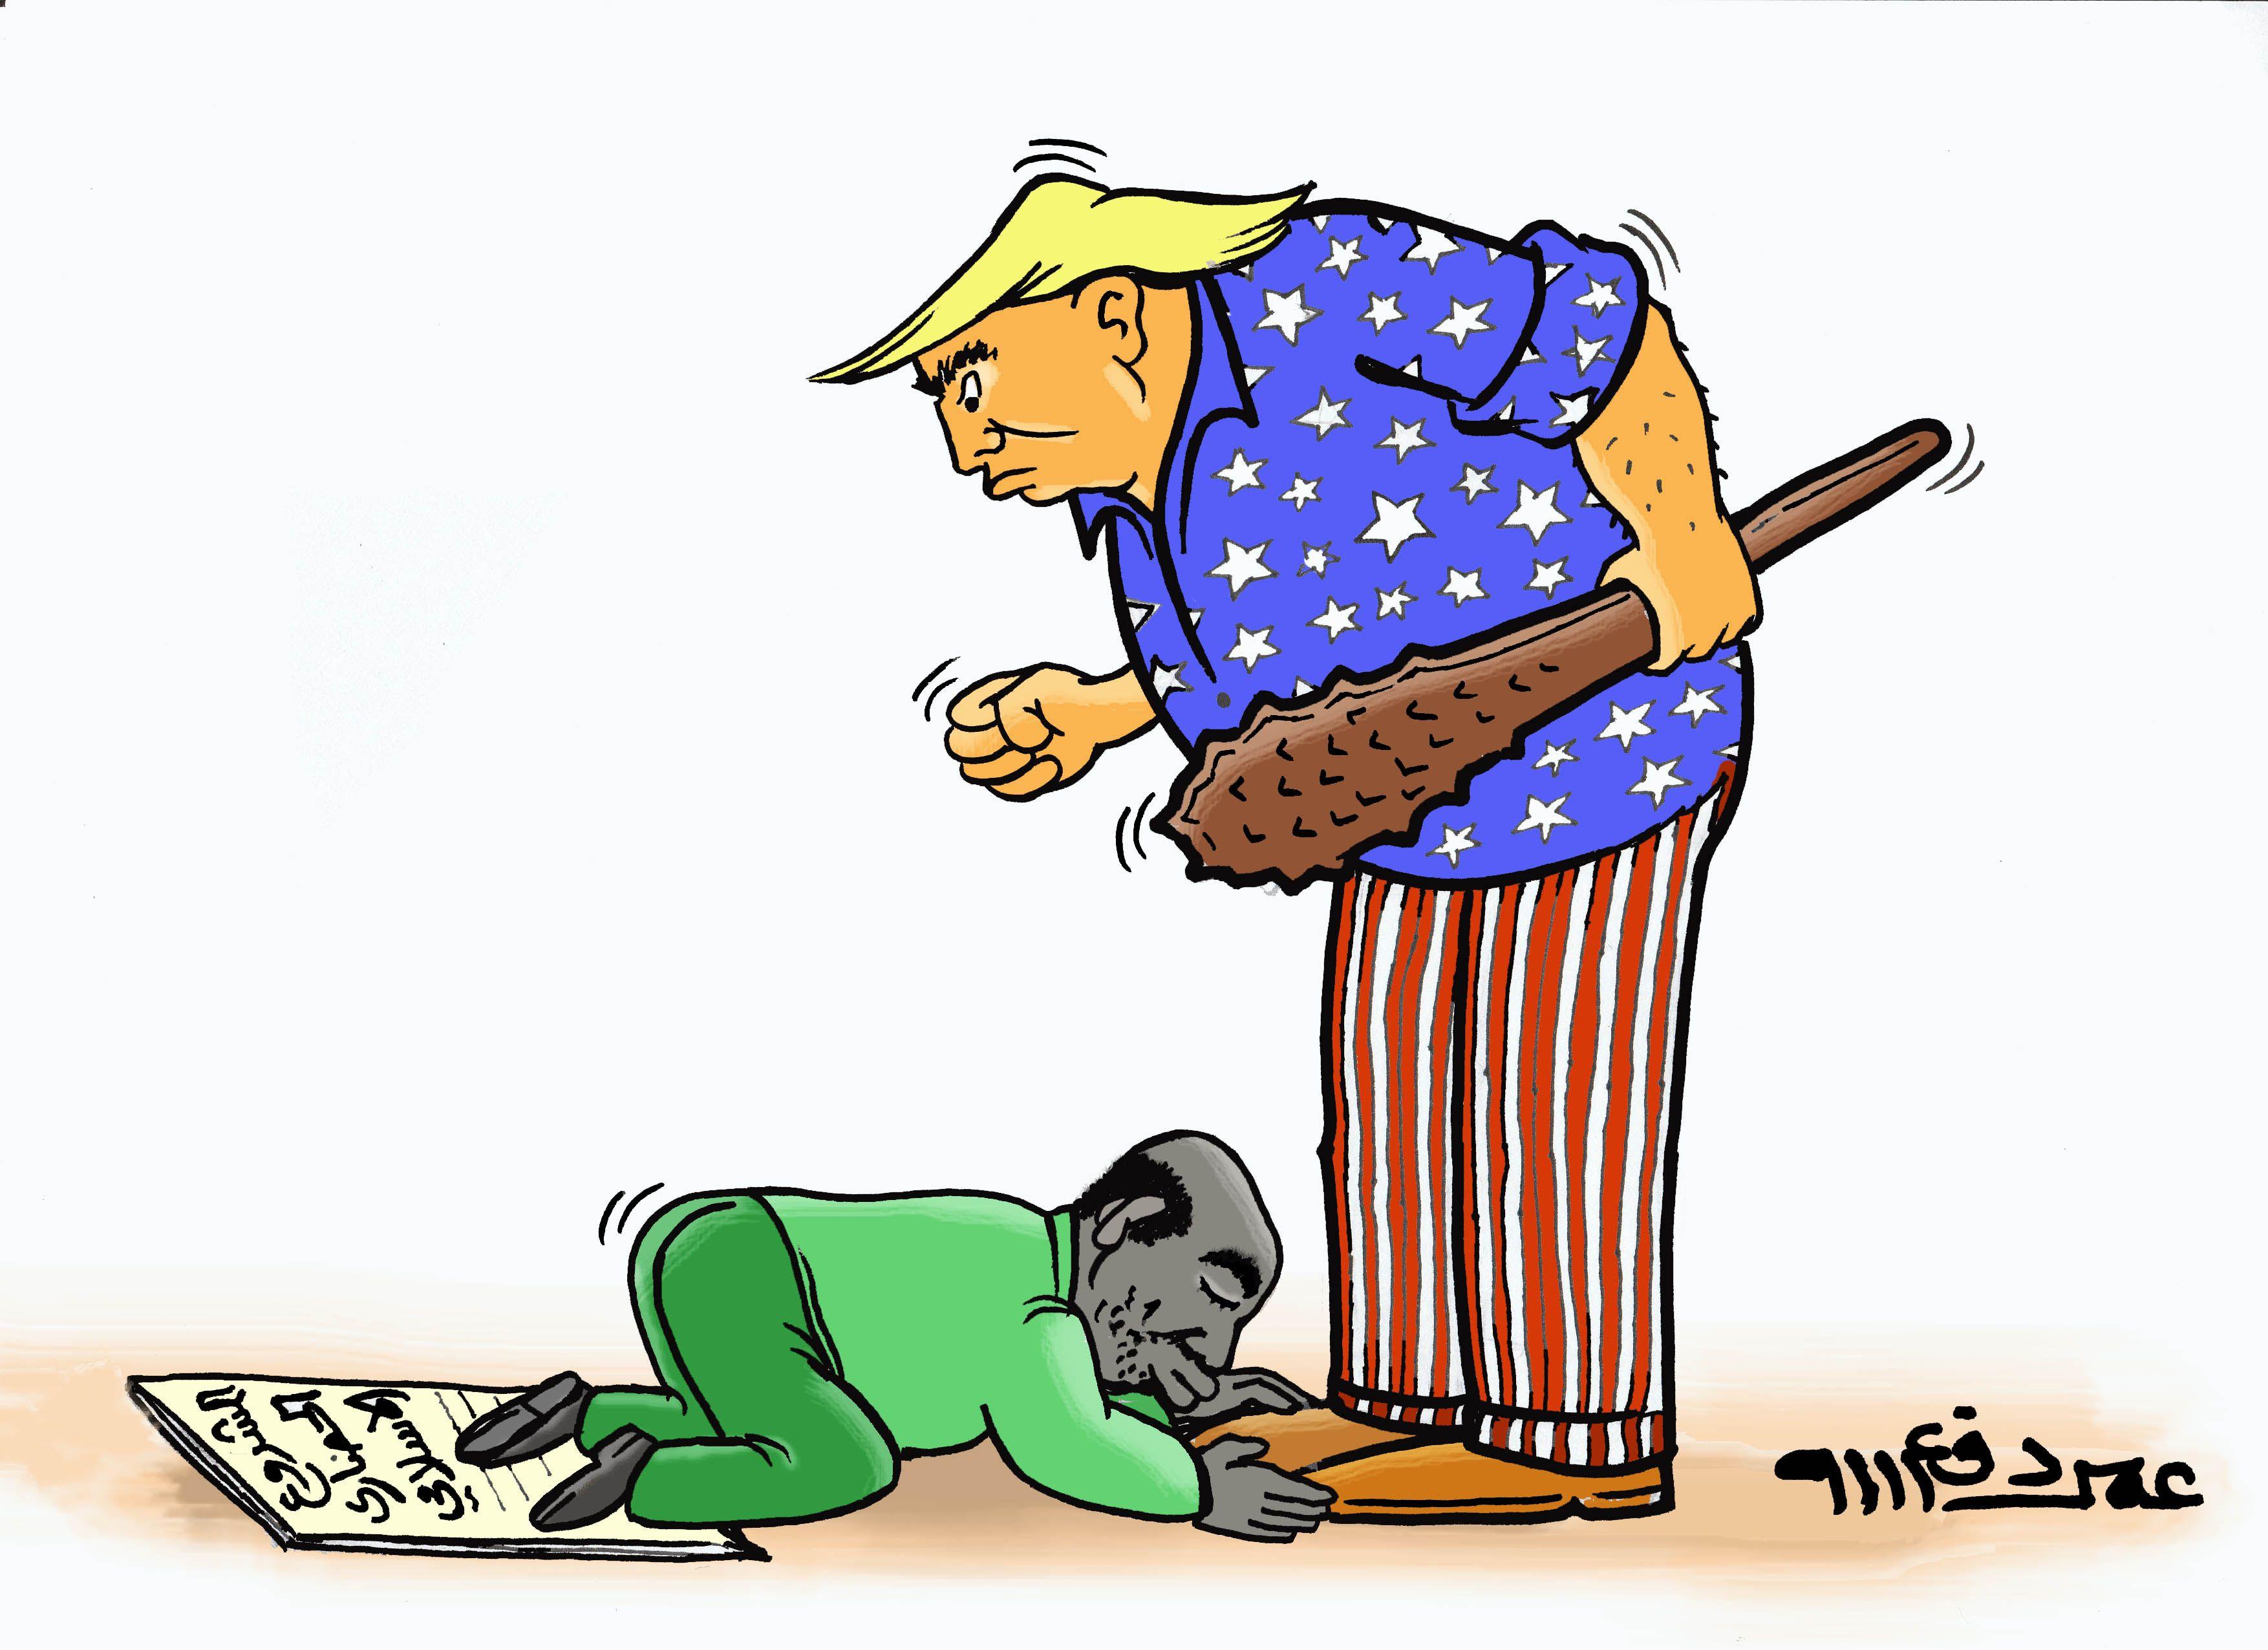 كاركاتير اليوم الموافق 06 فبراير 2017 للفنان عمر دفع الله عن ترمب و السودان